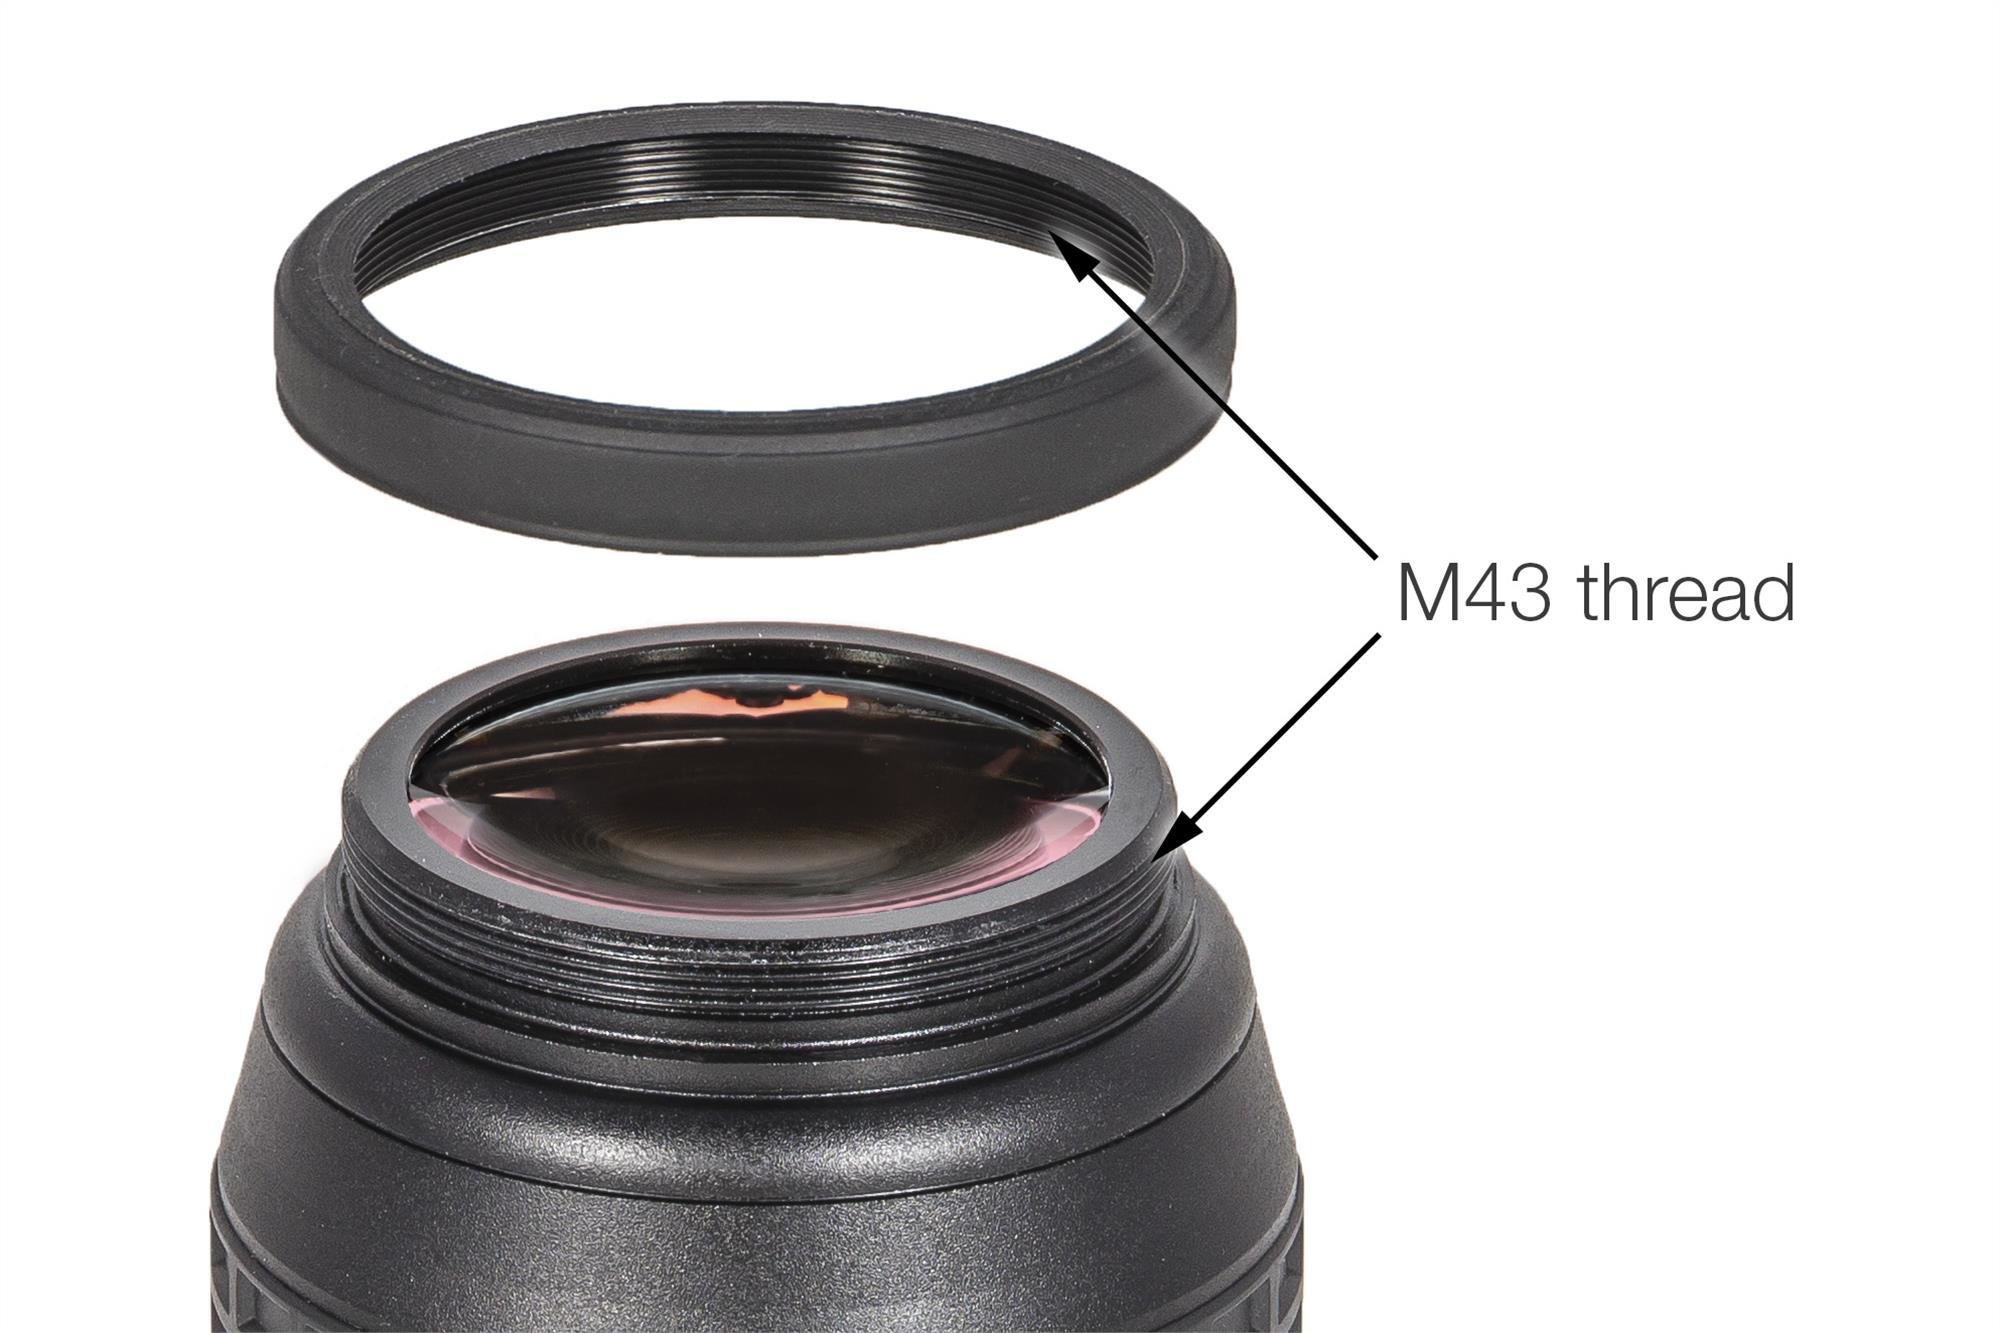 M43 Verlängerung (M43/M43) zur Augenabstand-Verlängerung oder für den Kamera-Anschluss